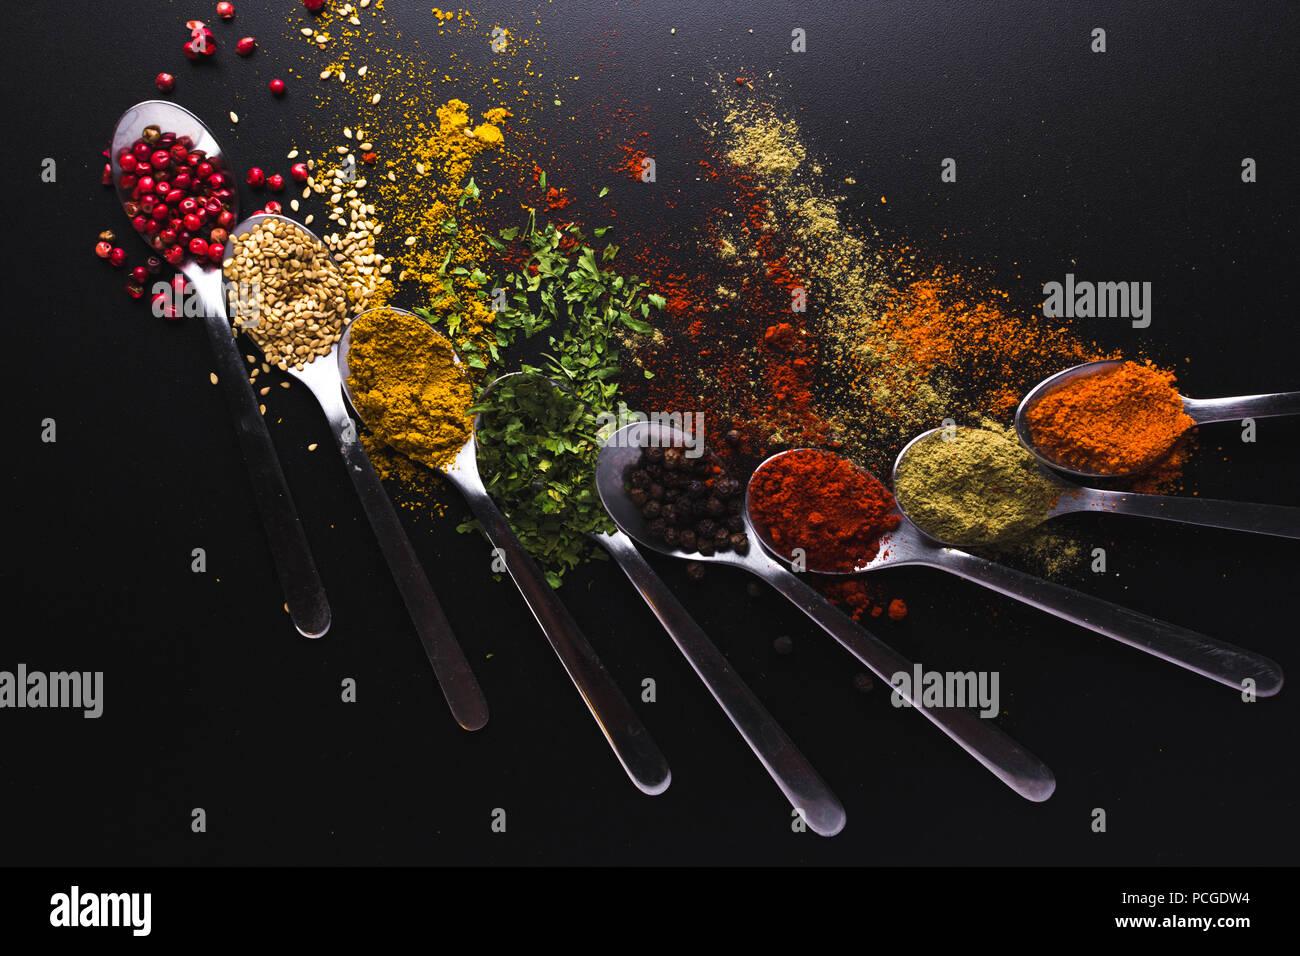 Composition de petites cuillères plein d'épices et de condiments pour la cuisine sur un fond noir Photo Stock